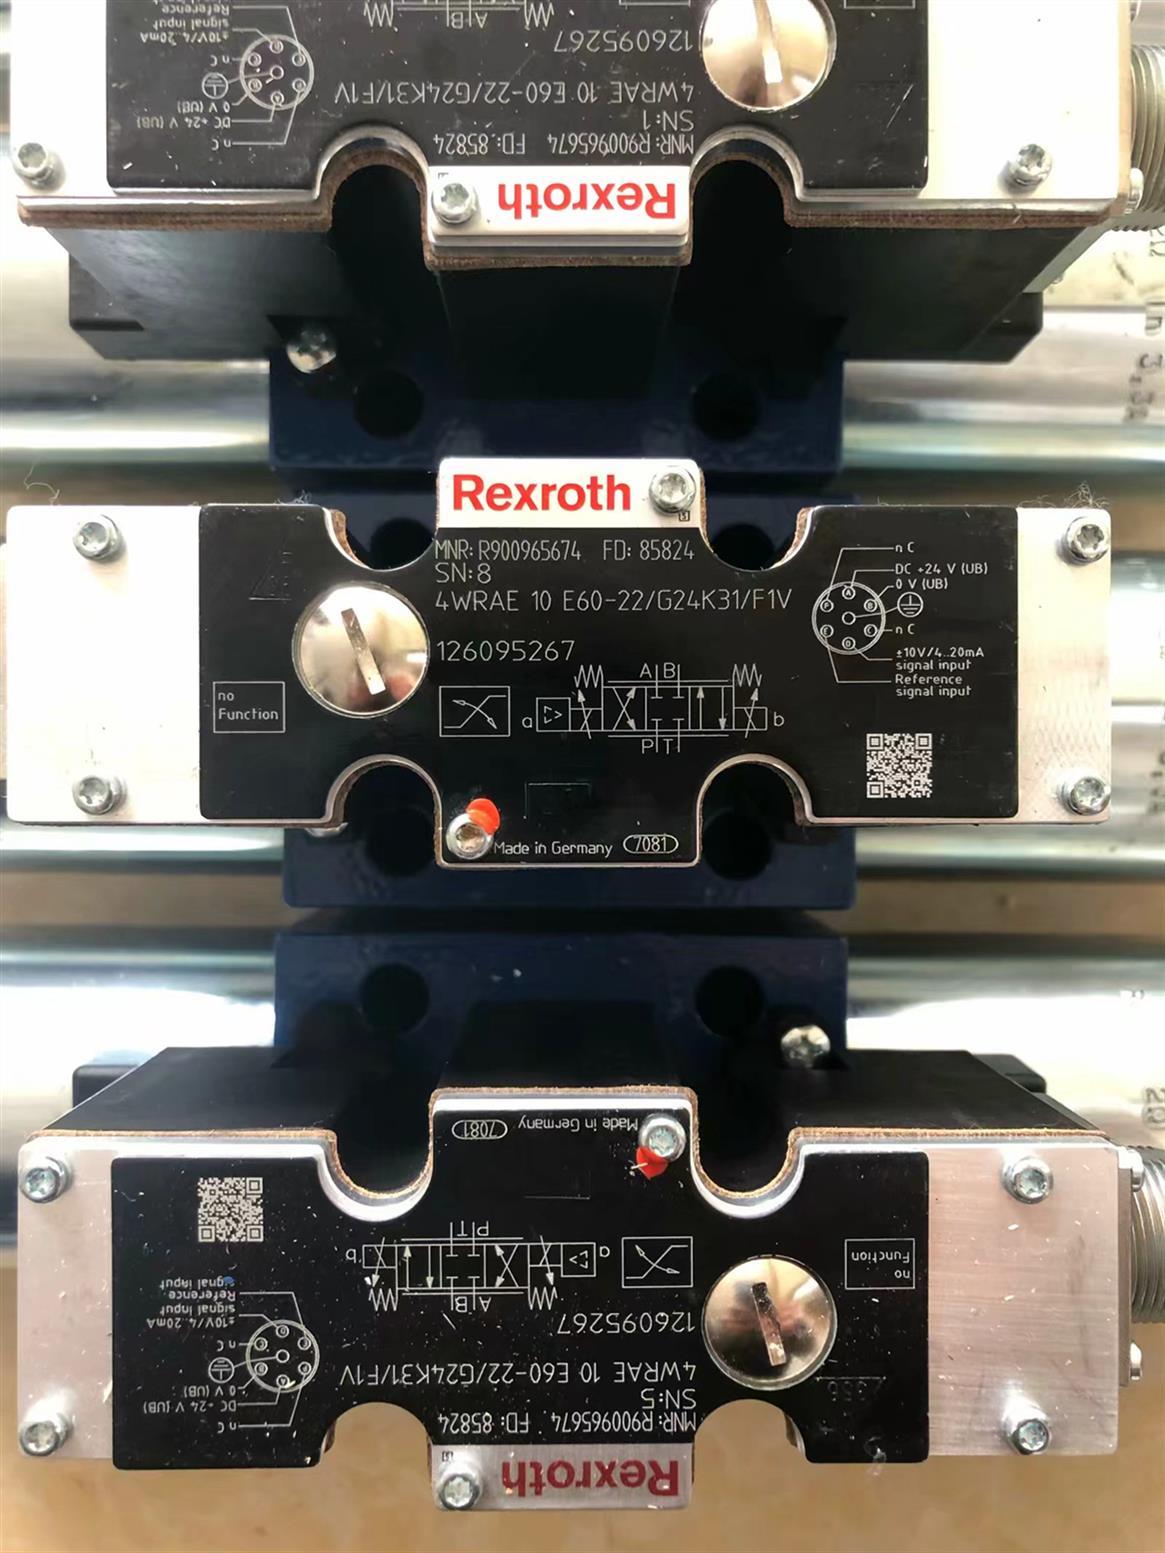 Rexroth力士乐DBDS10P1X/200溢流阀R900424157 诚信服务